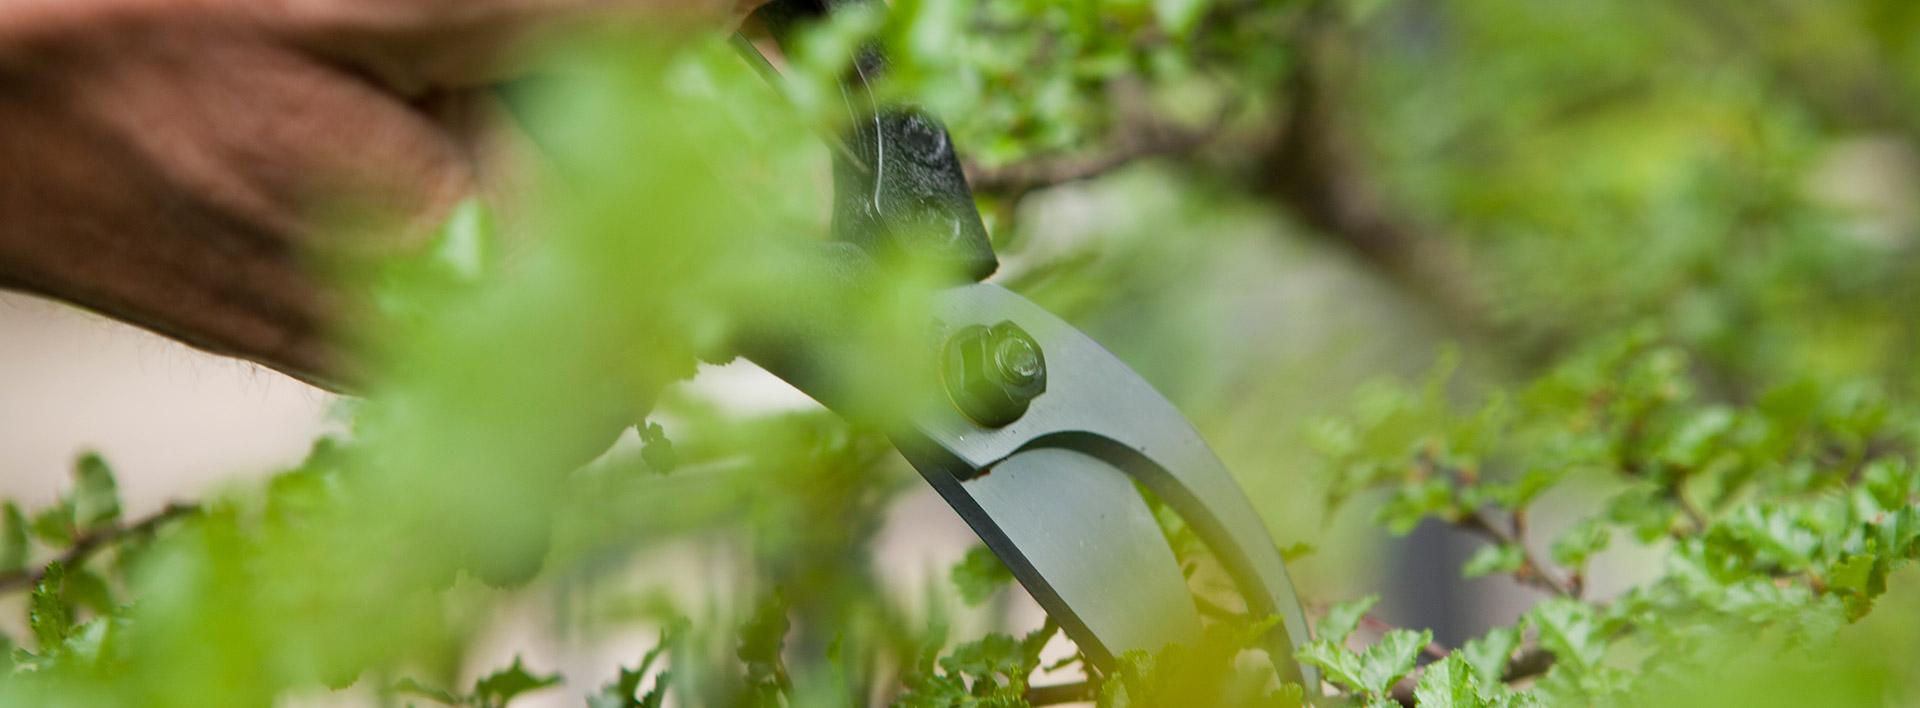 Gartenschere in Gebrauch zwischen Pflanzen